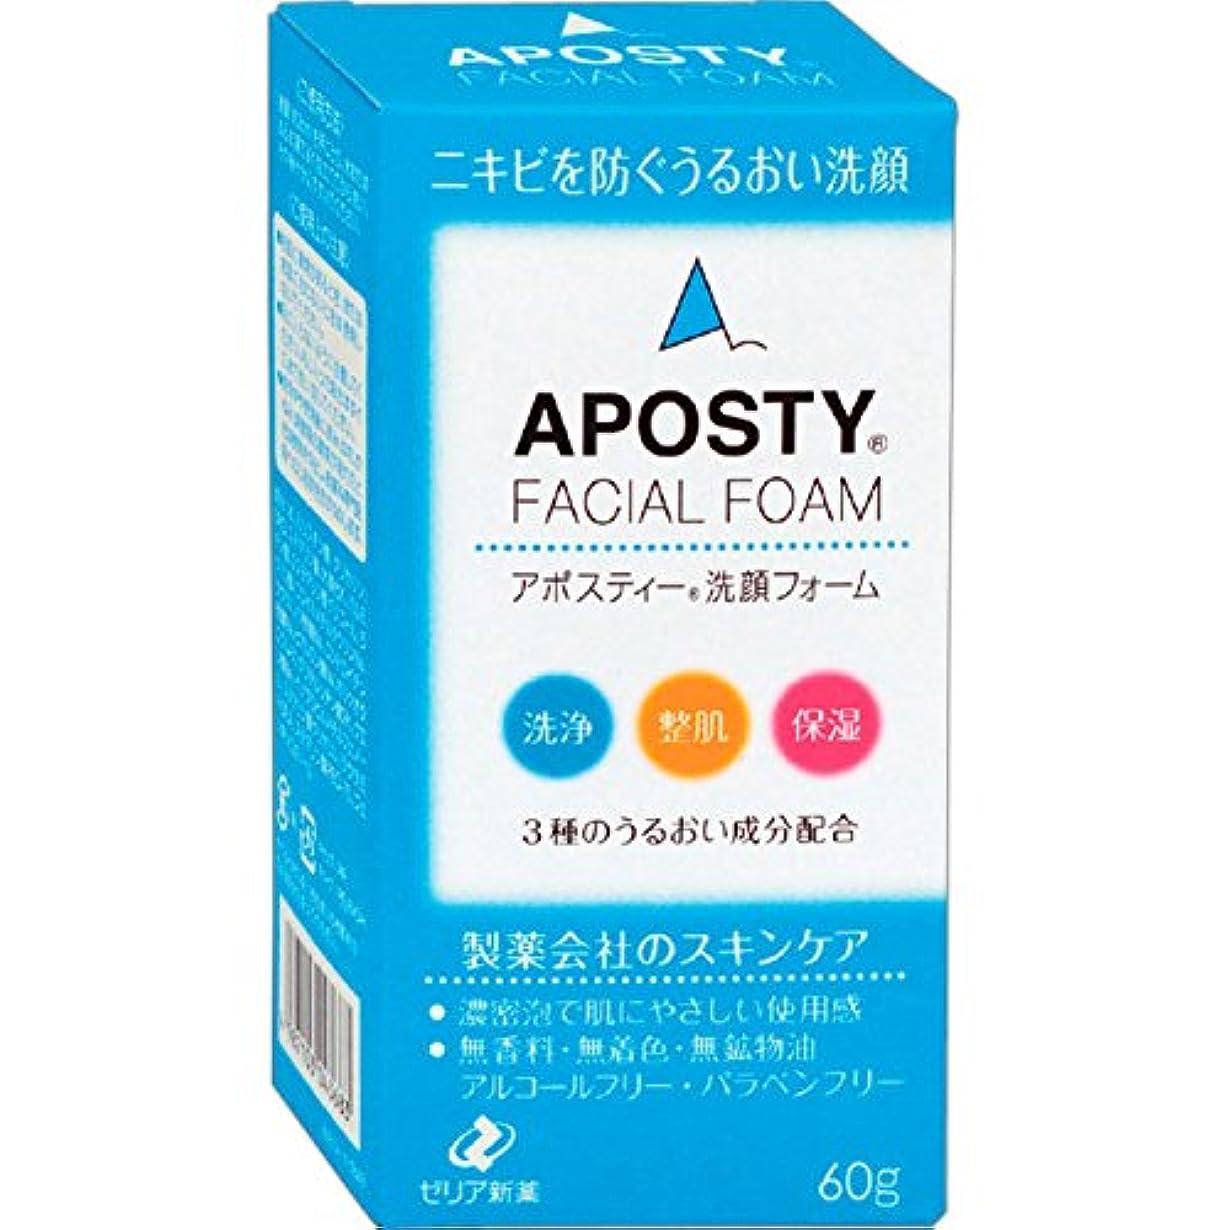 情報必須クラックポットゼリア新薬工業 アポスティー 洗顔フォーム 60g